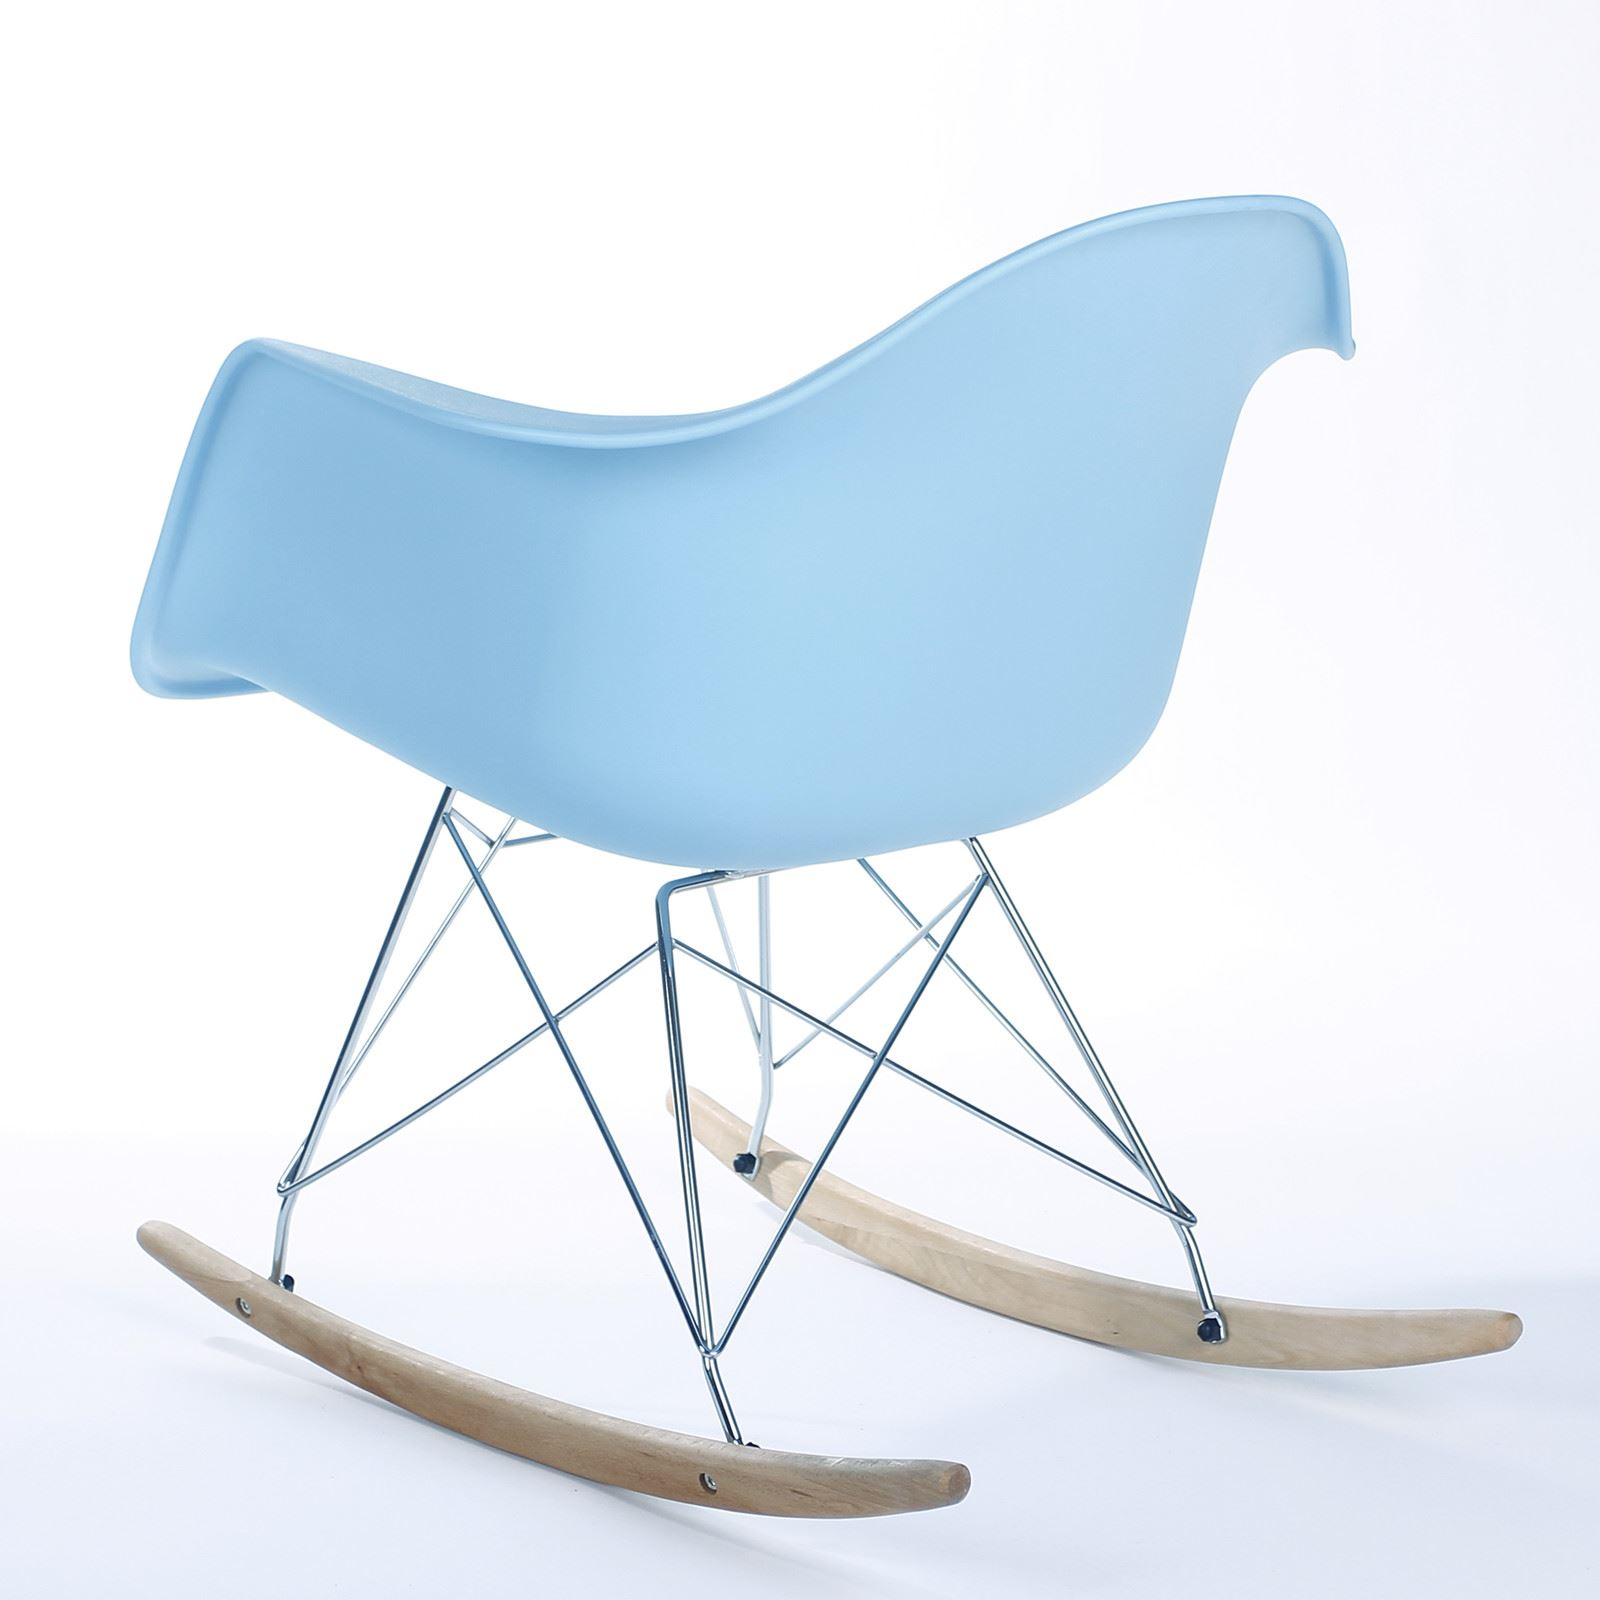 banana fiber rocking chair giant bean bag chairs eames rar rocker armchair retro modern